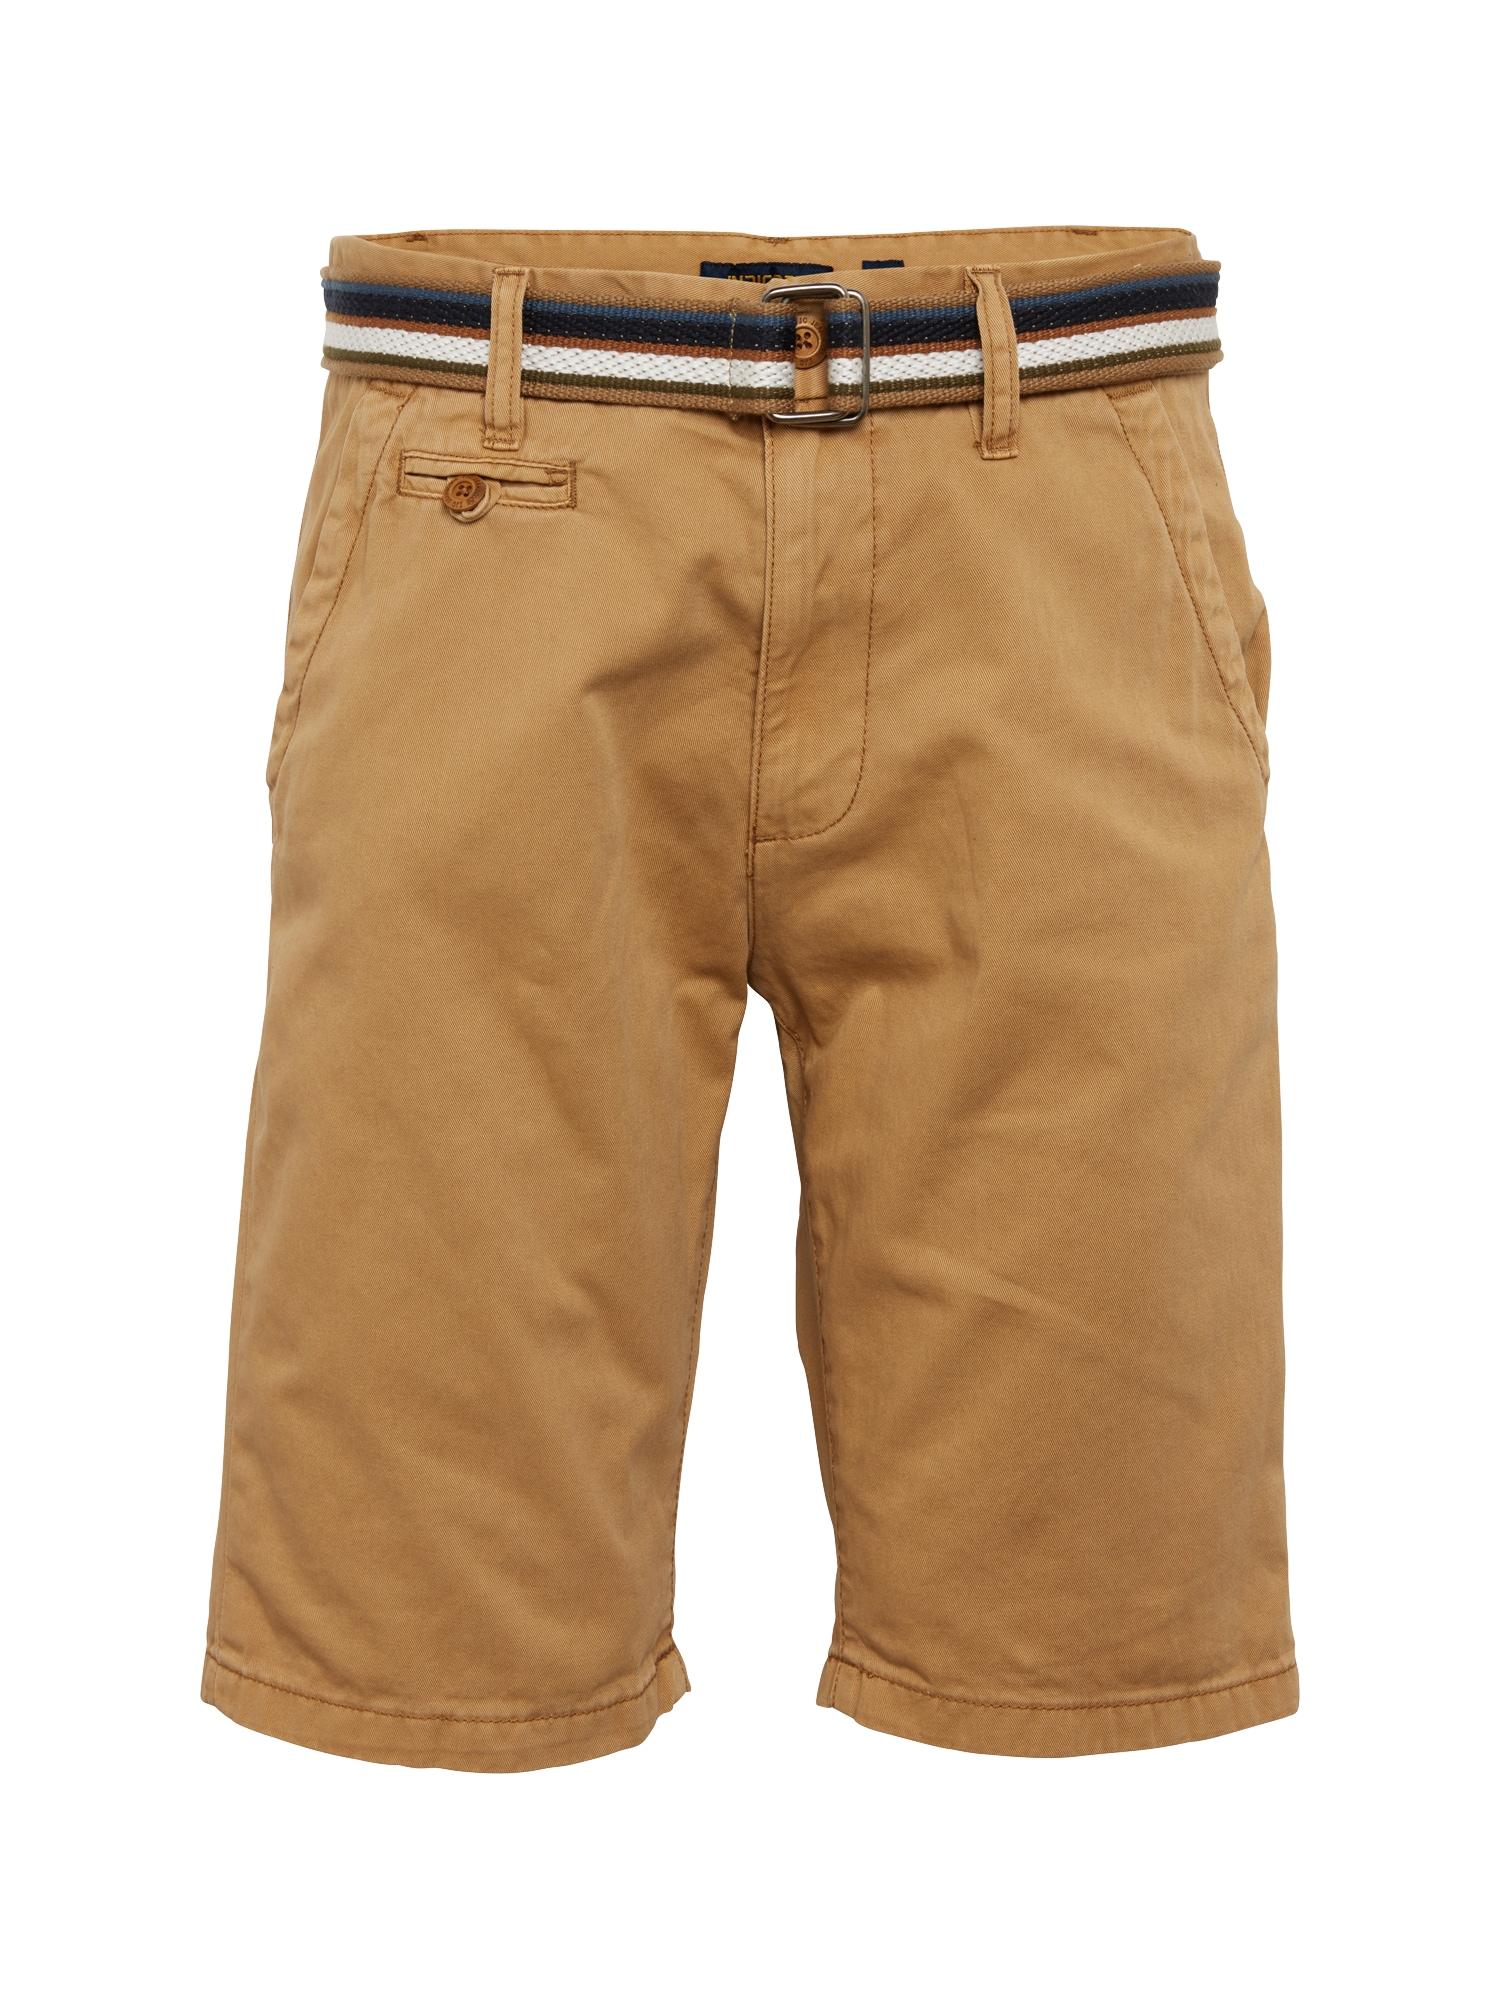 INDICODE JEANS Chino stiliaus kelnės 'Royce' ruda (konjako)